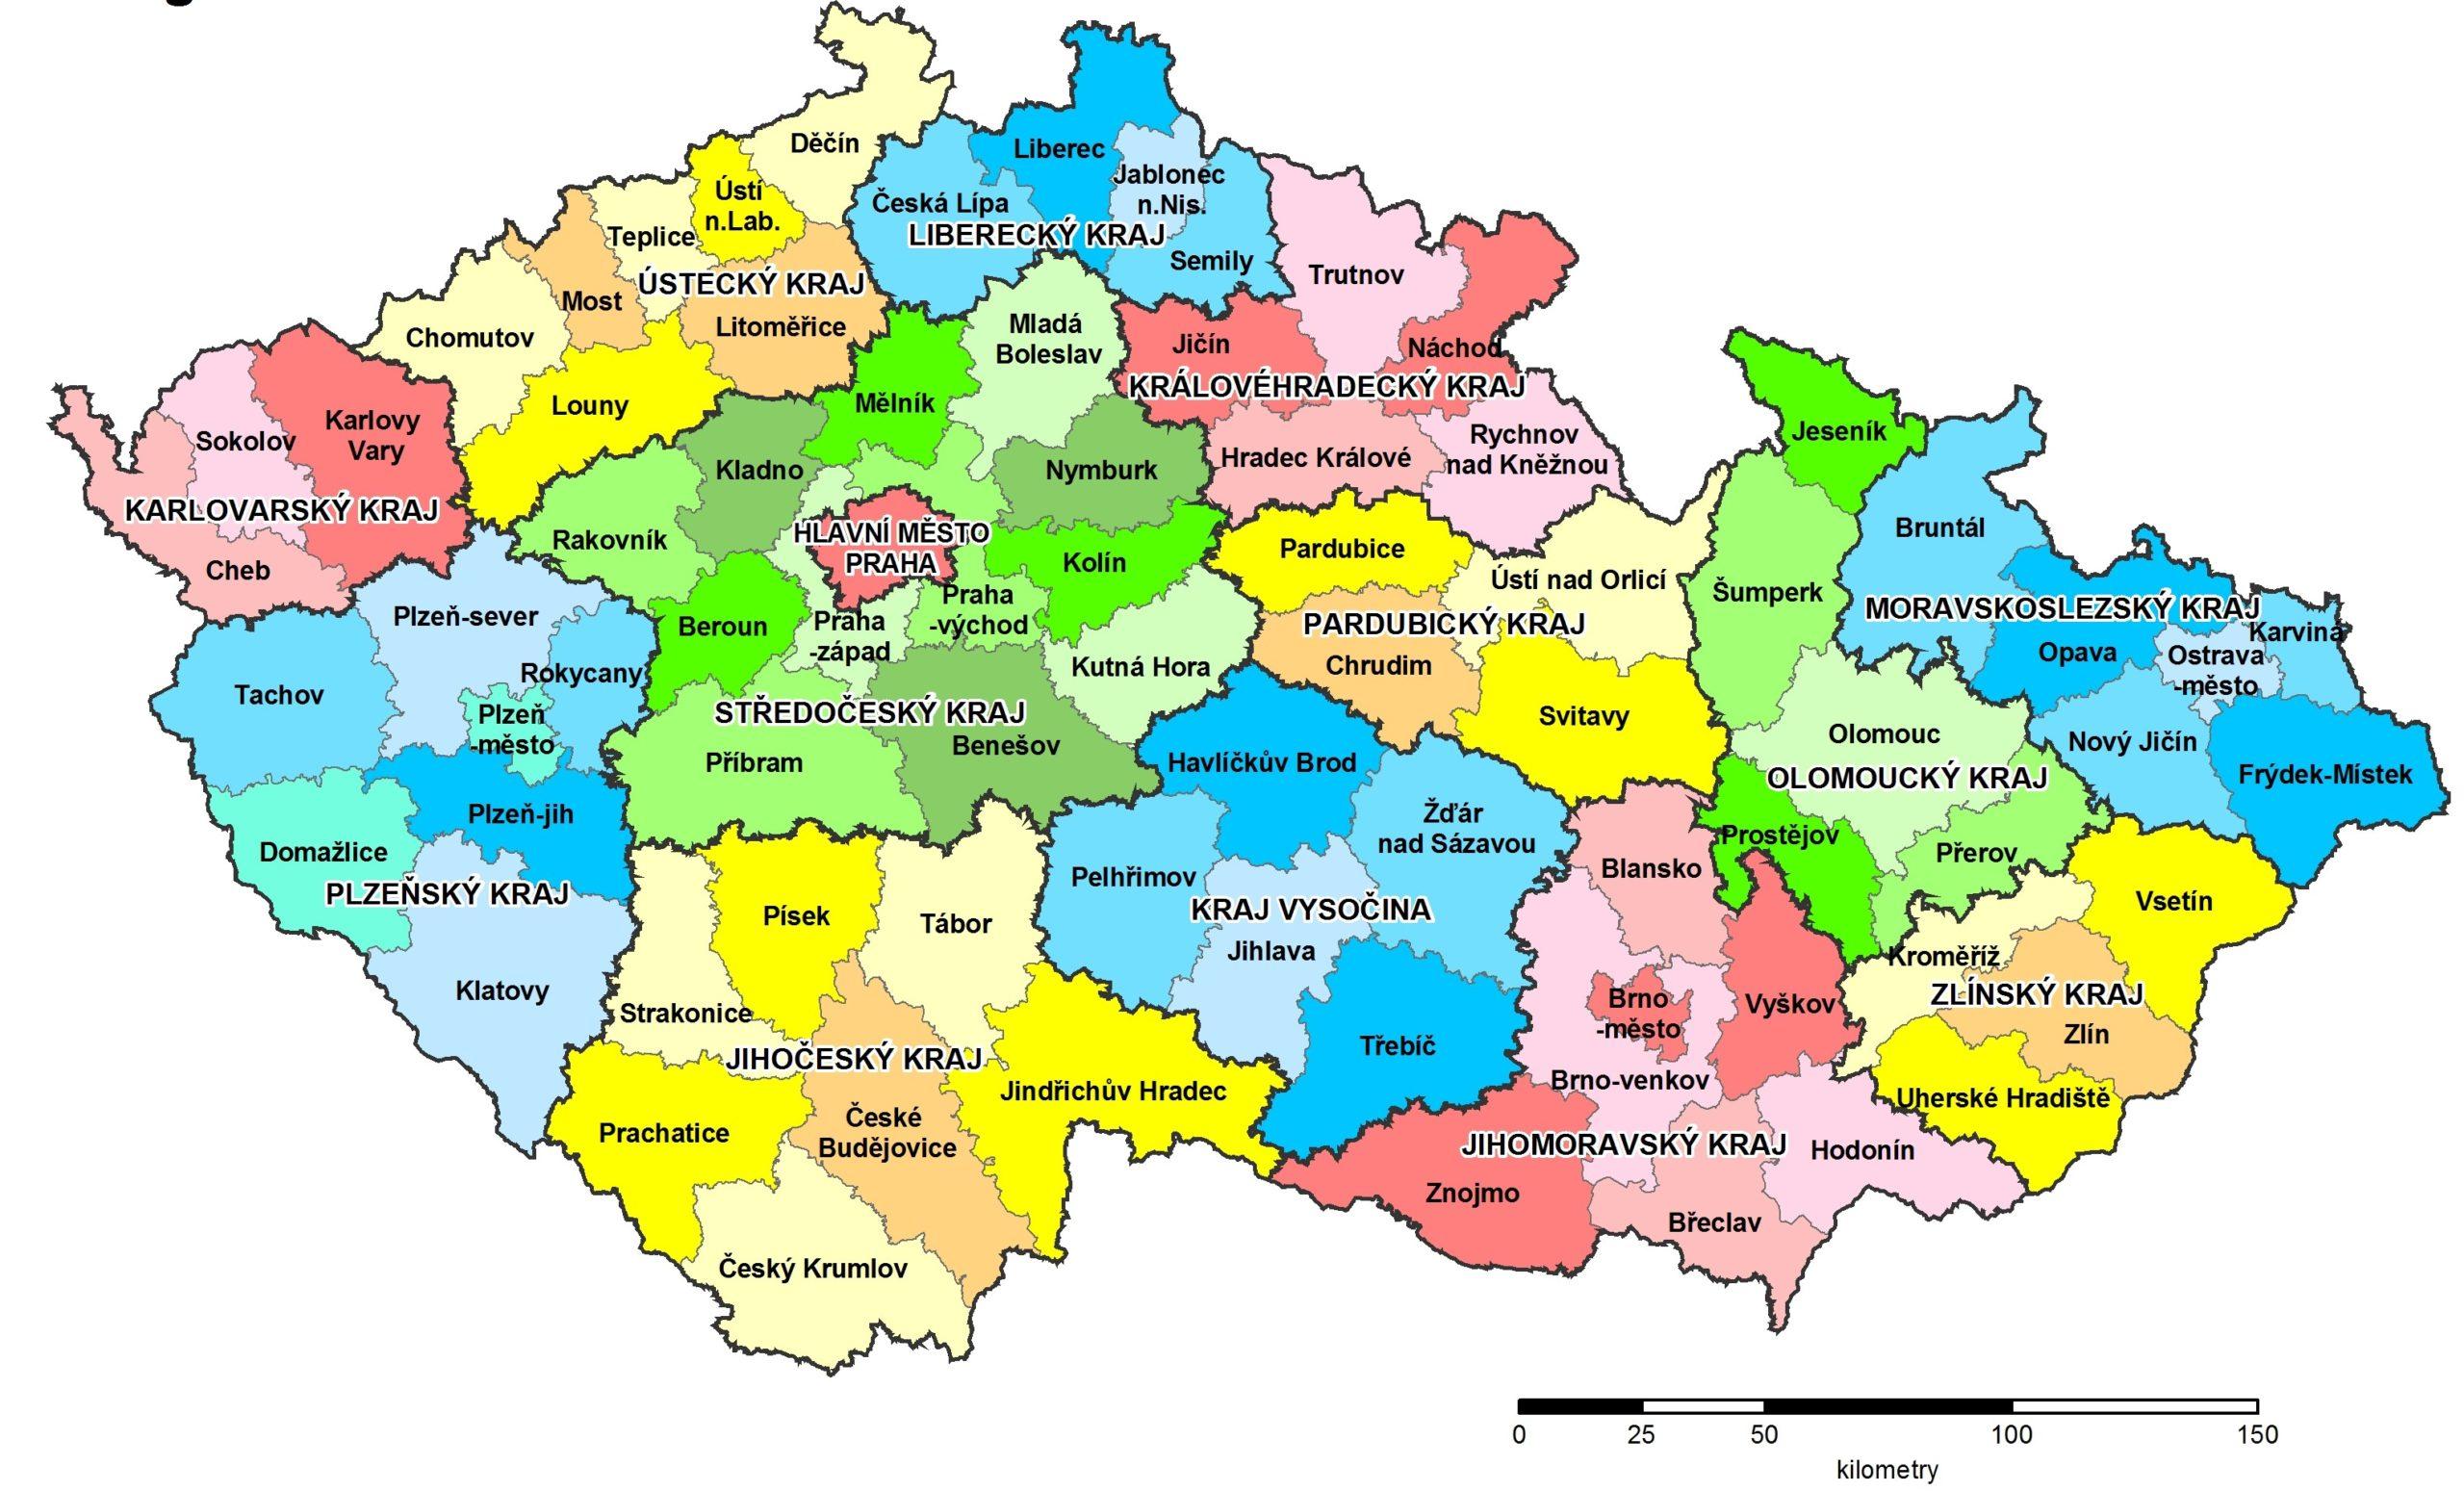 Kraje a okresy v České republice na mapě